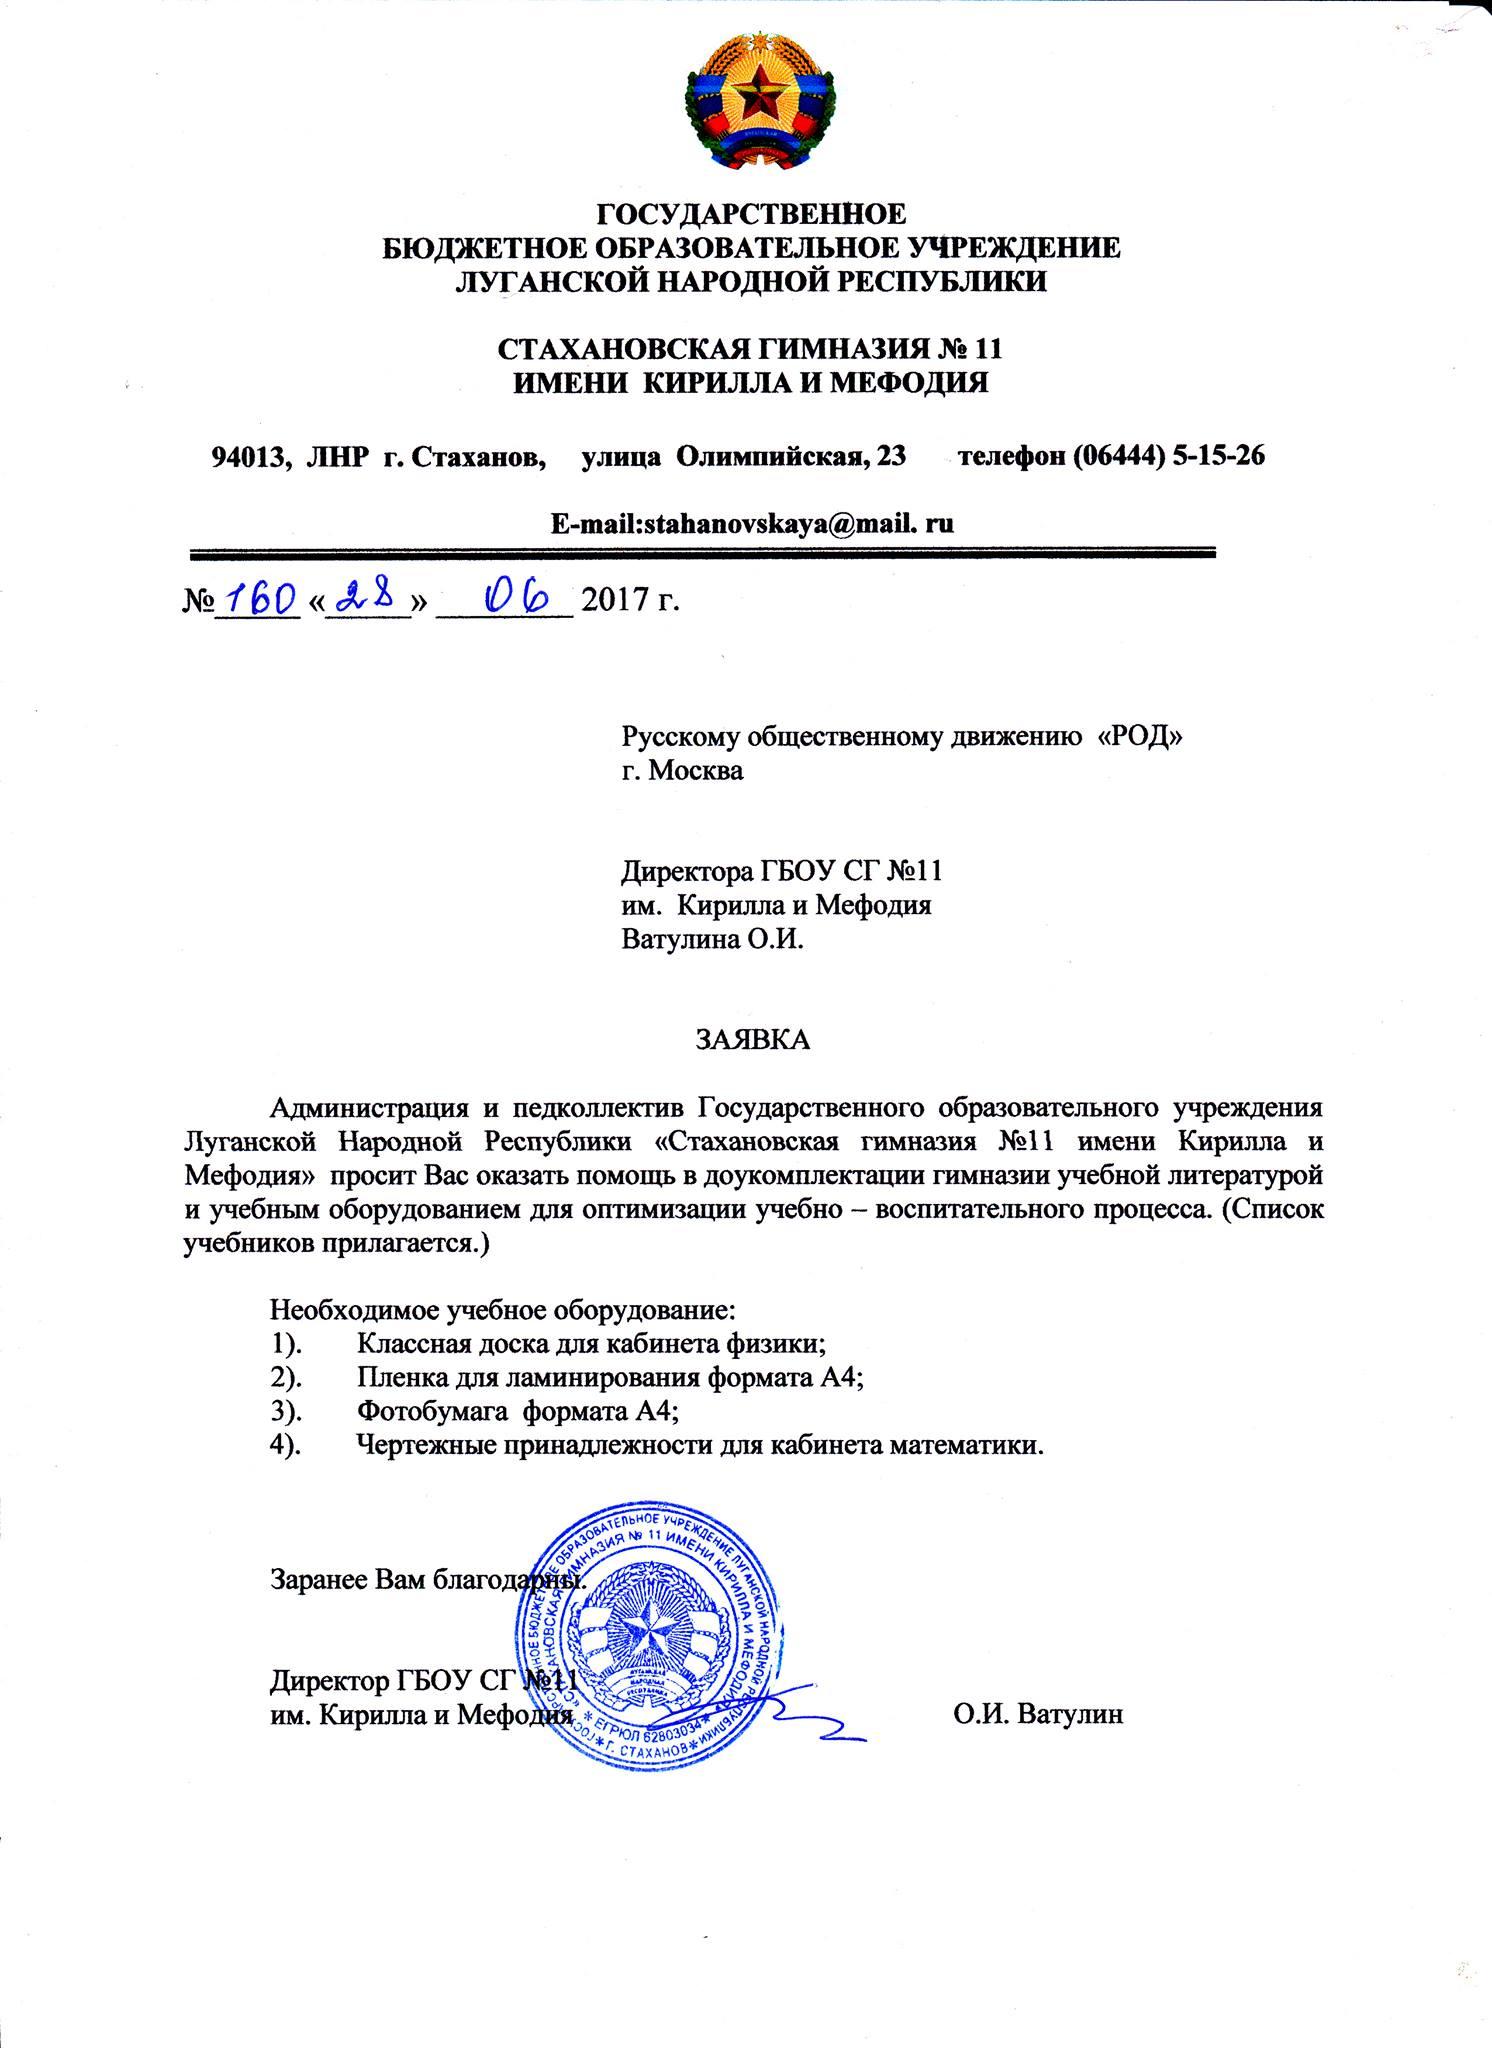 https://img-fotki.yandex.ru/get/237726/36058990.62/0_1657bd_ff574109_orig